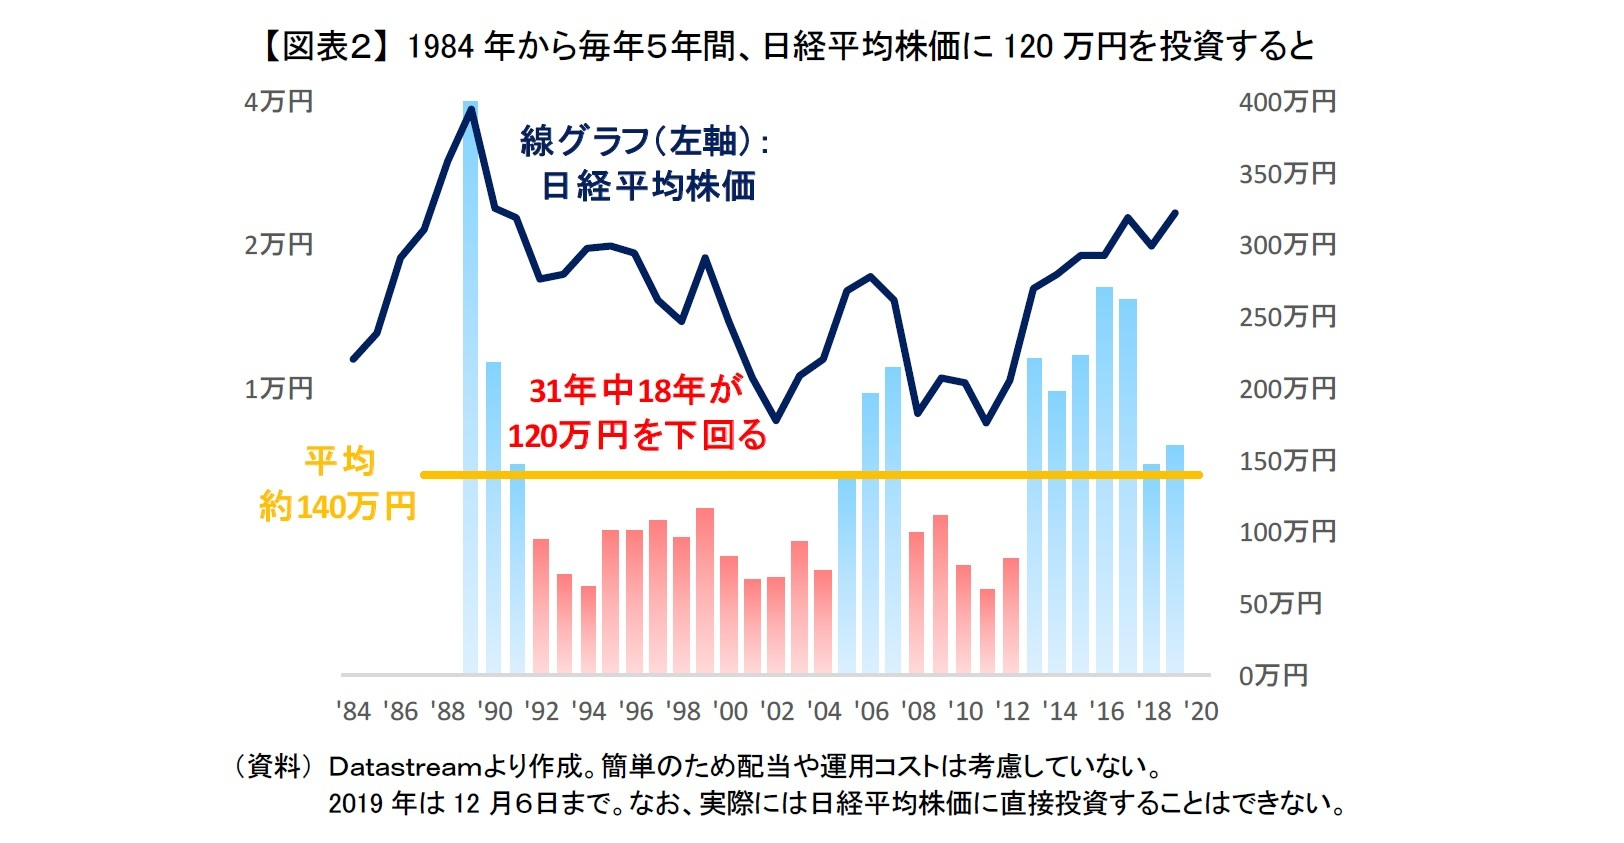 【図表2】 1984年から毎年5年間、日経平均株価に120万円を投資すると